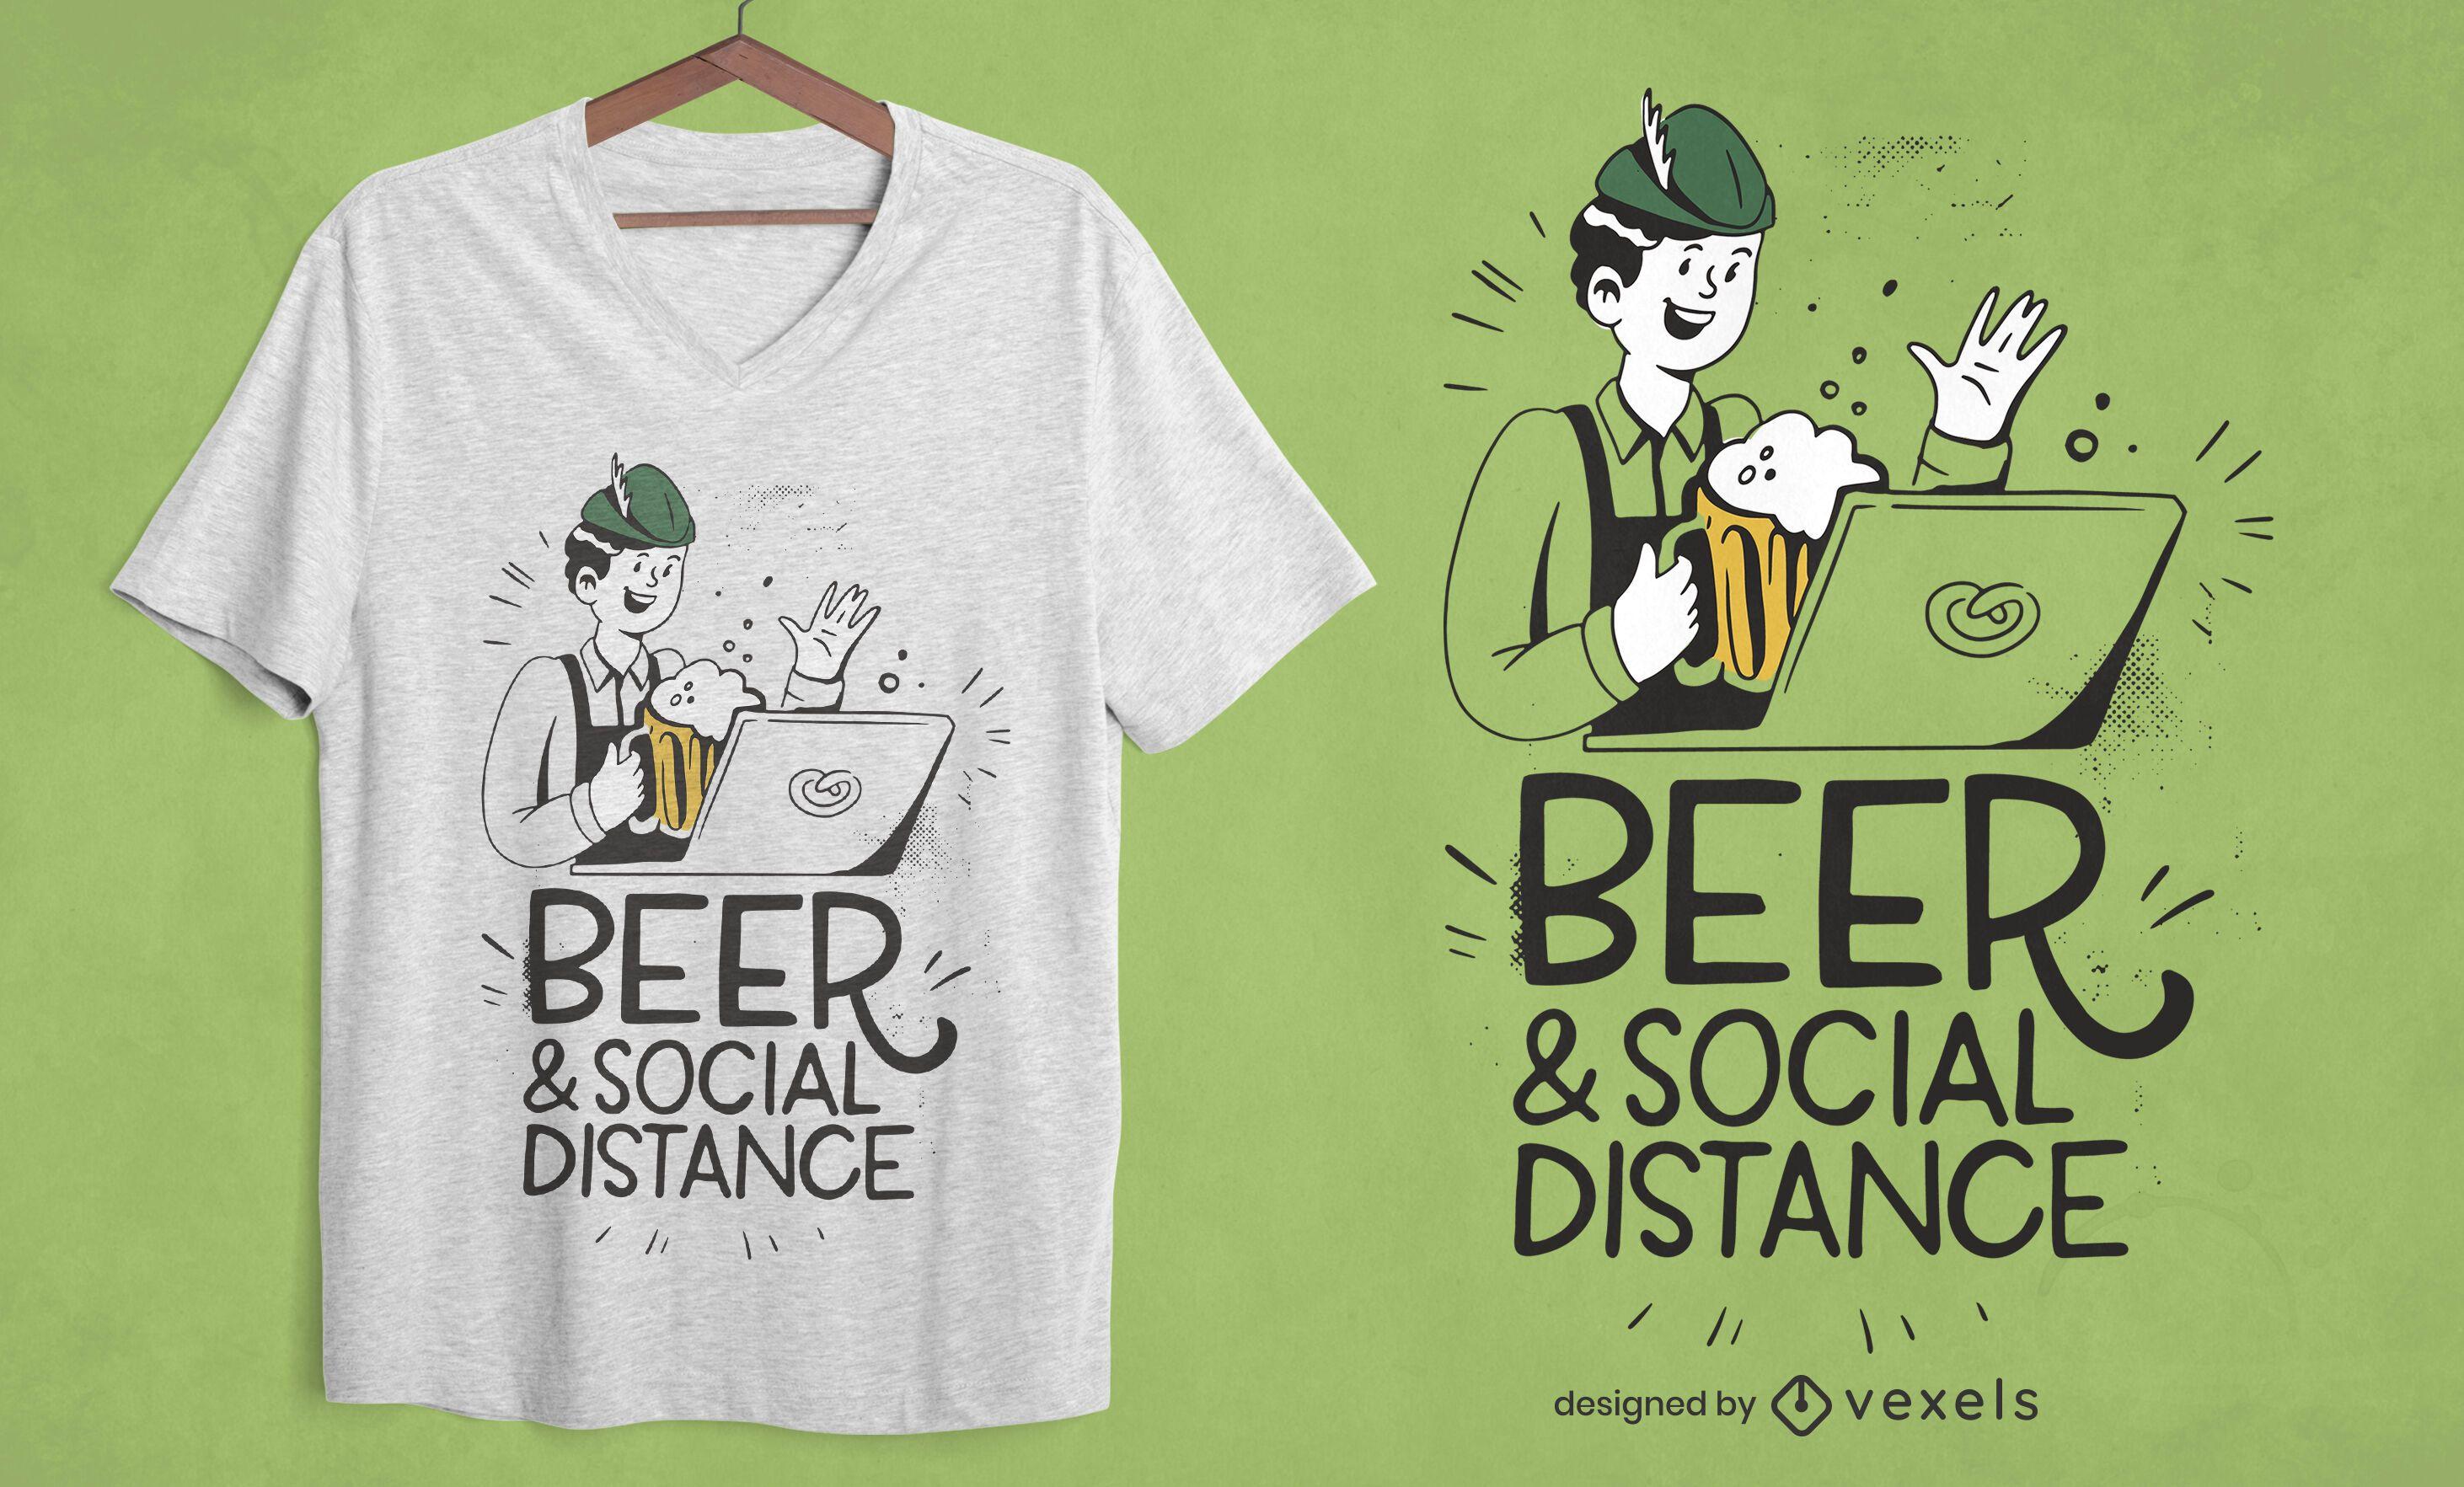 Design de camisetas para cerveja e distância social